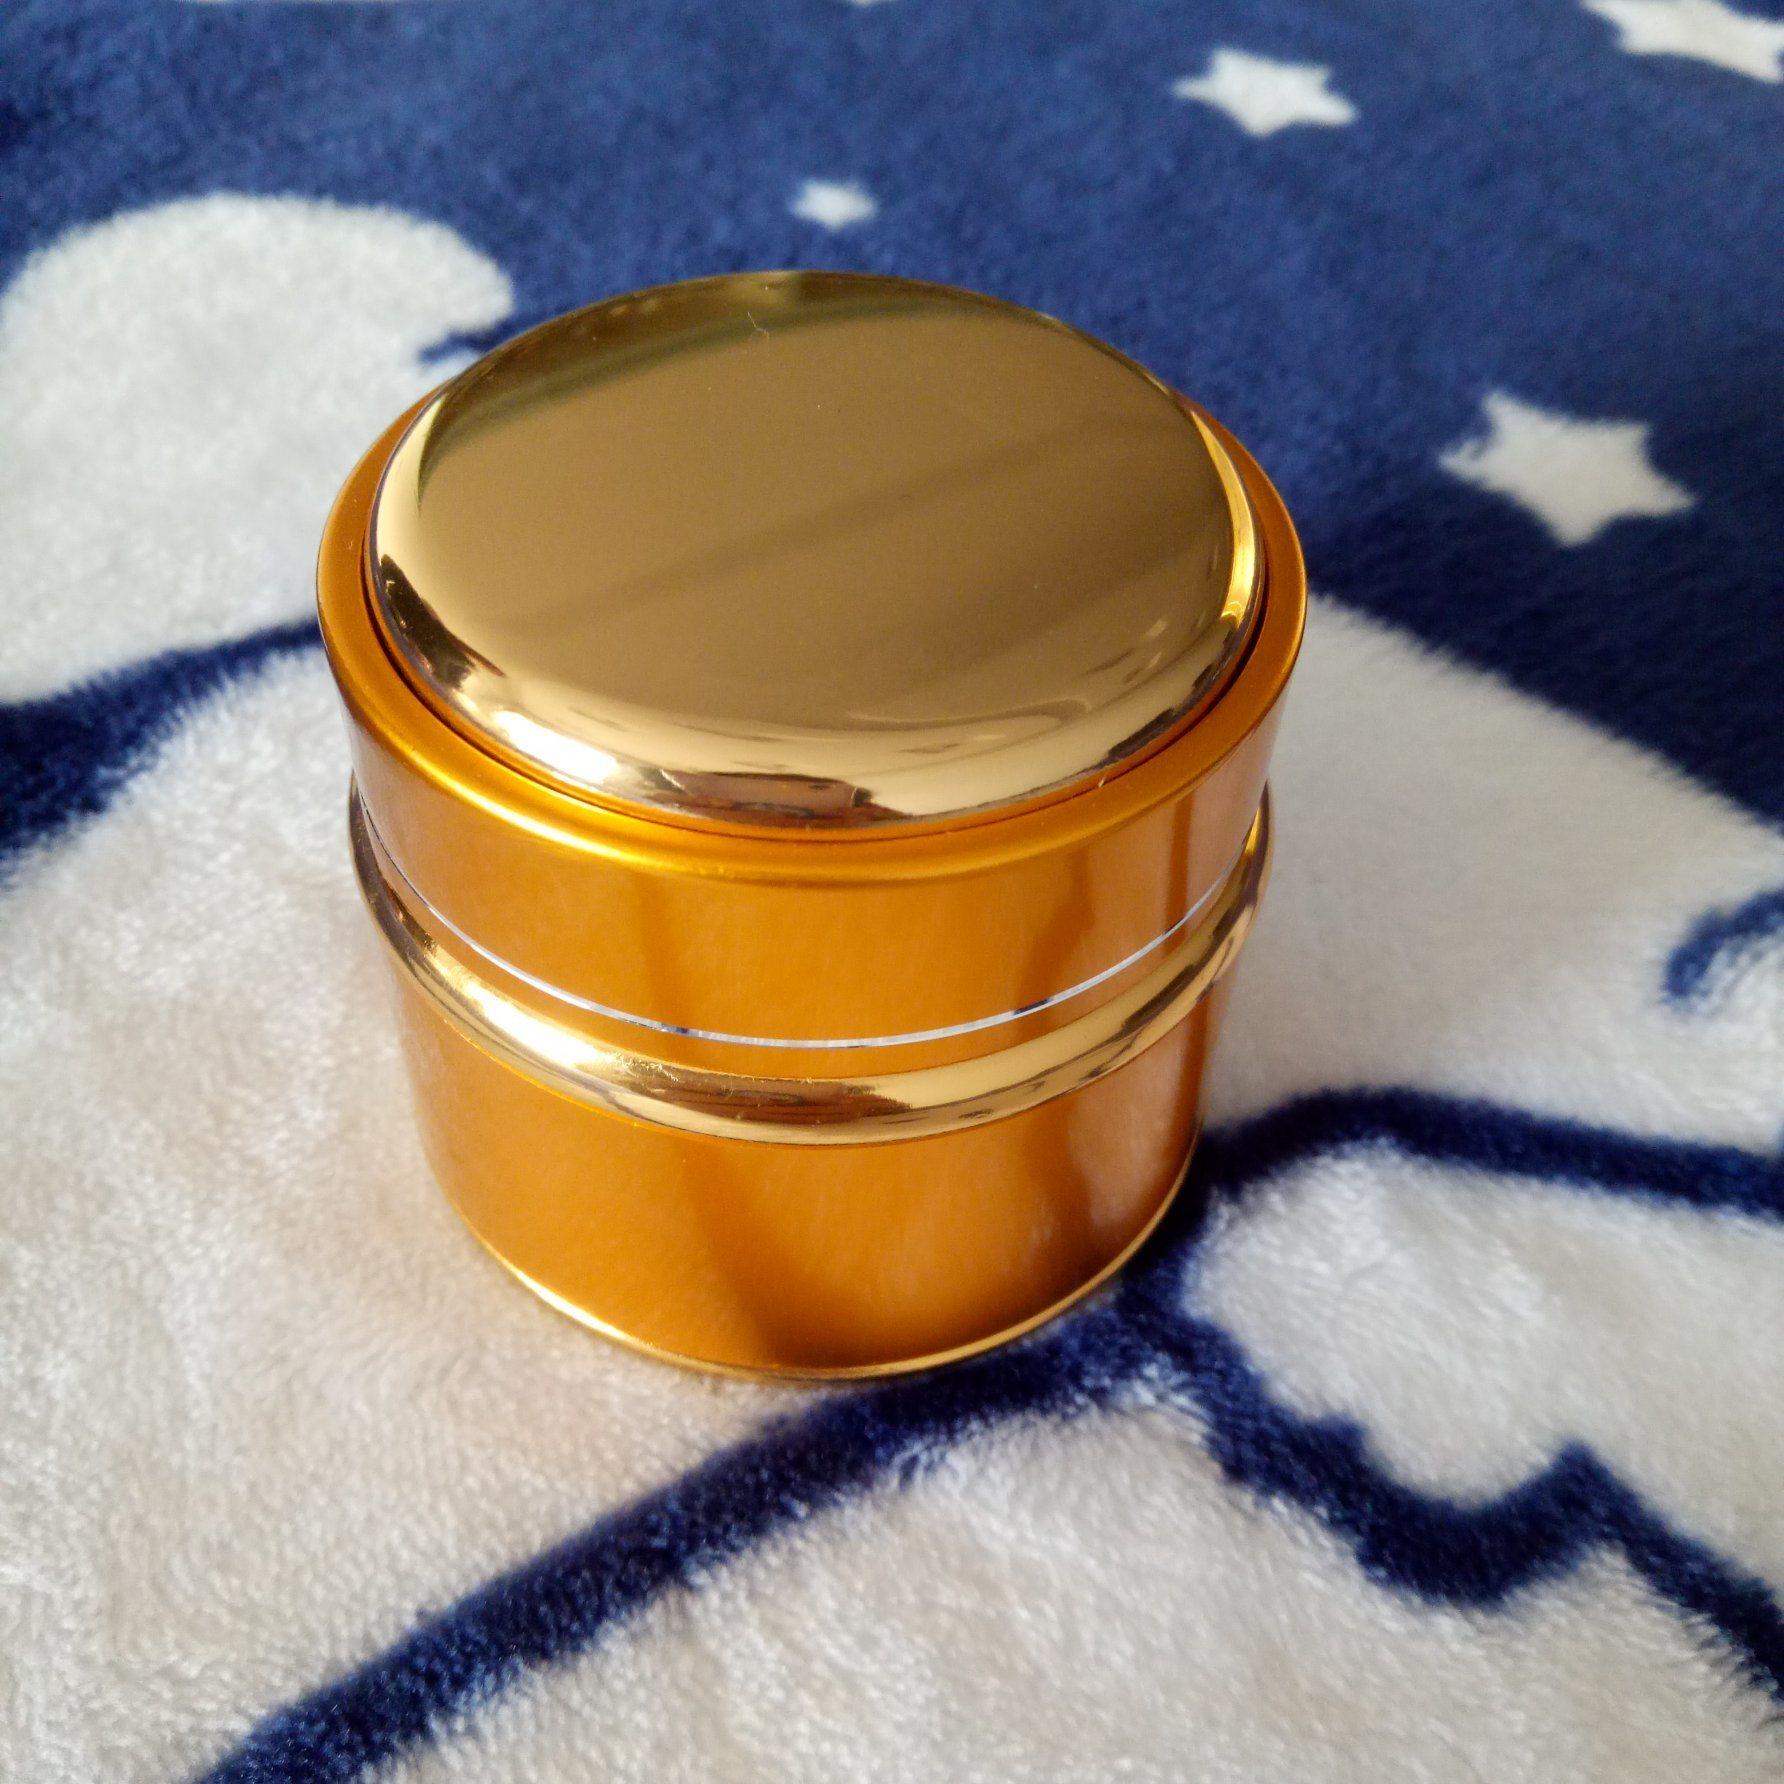 Aluminum Skin Care Cream Jars